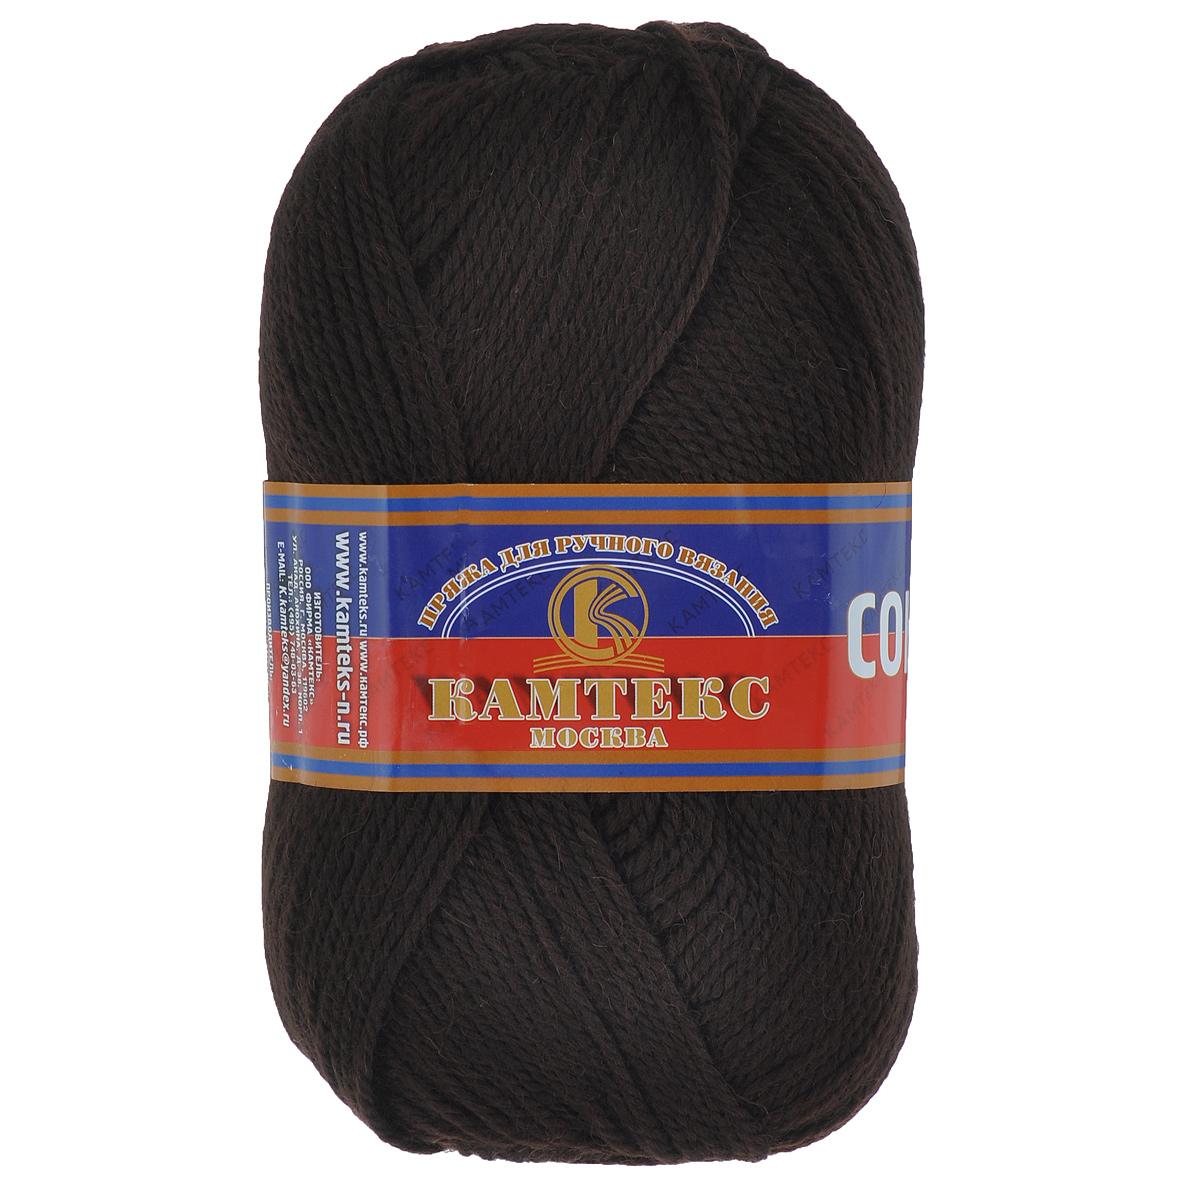 Пряжа для вязания Камтекс Соната, цвет: шоколад (063), 250 м, 100 г, 10 шт136030_063Пряжа для вязания Камтекс Соната изготовлена из 50% шерсти, 50% акрила. Она вяжется легко и свободно, имеет богатую цветовую гамму от теплых пастельных тонов до ярких и смелых оттенков. Ворсистая ниточка ровно складывается в полотно, которое имеет минимальный процент усадки. Из пряжи Соната прекрасно вяжутся теплые туники, жилеты, свитера, платья и многие другие изделия. Рекомендуемые для вязания спицы и крючки 3-5 мм. Состав: 50% шерсть, 50% акрил. Комплектация: 10 шт. Толщина нити: 2 мм.